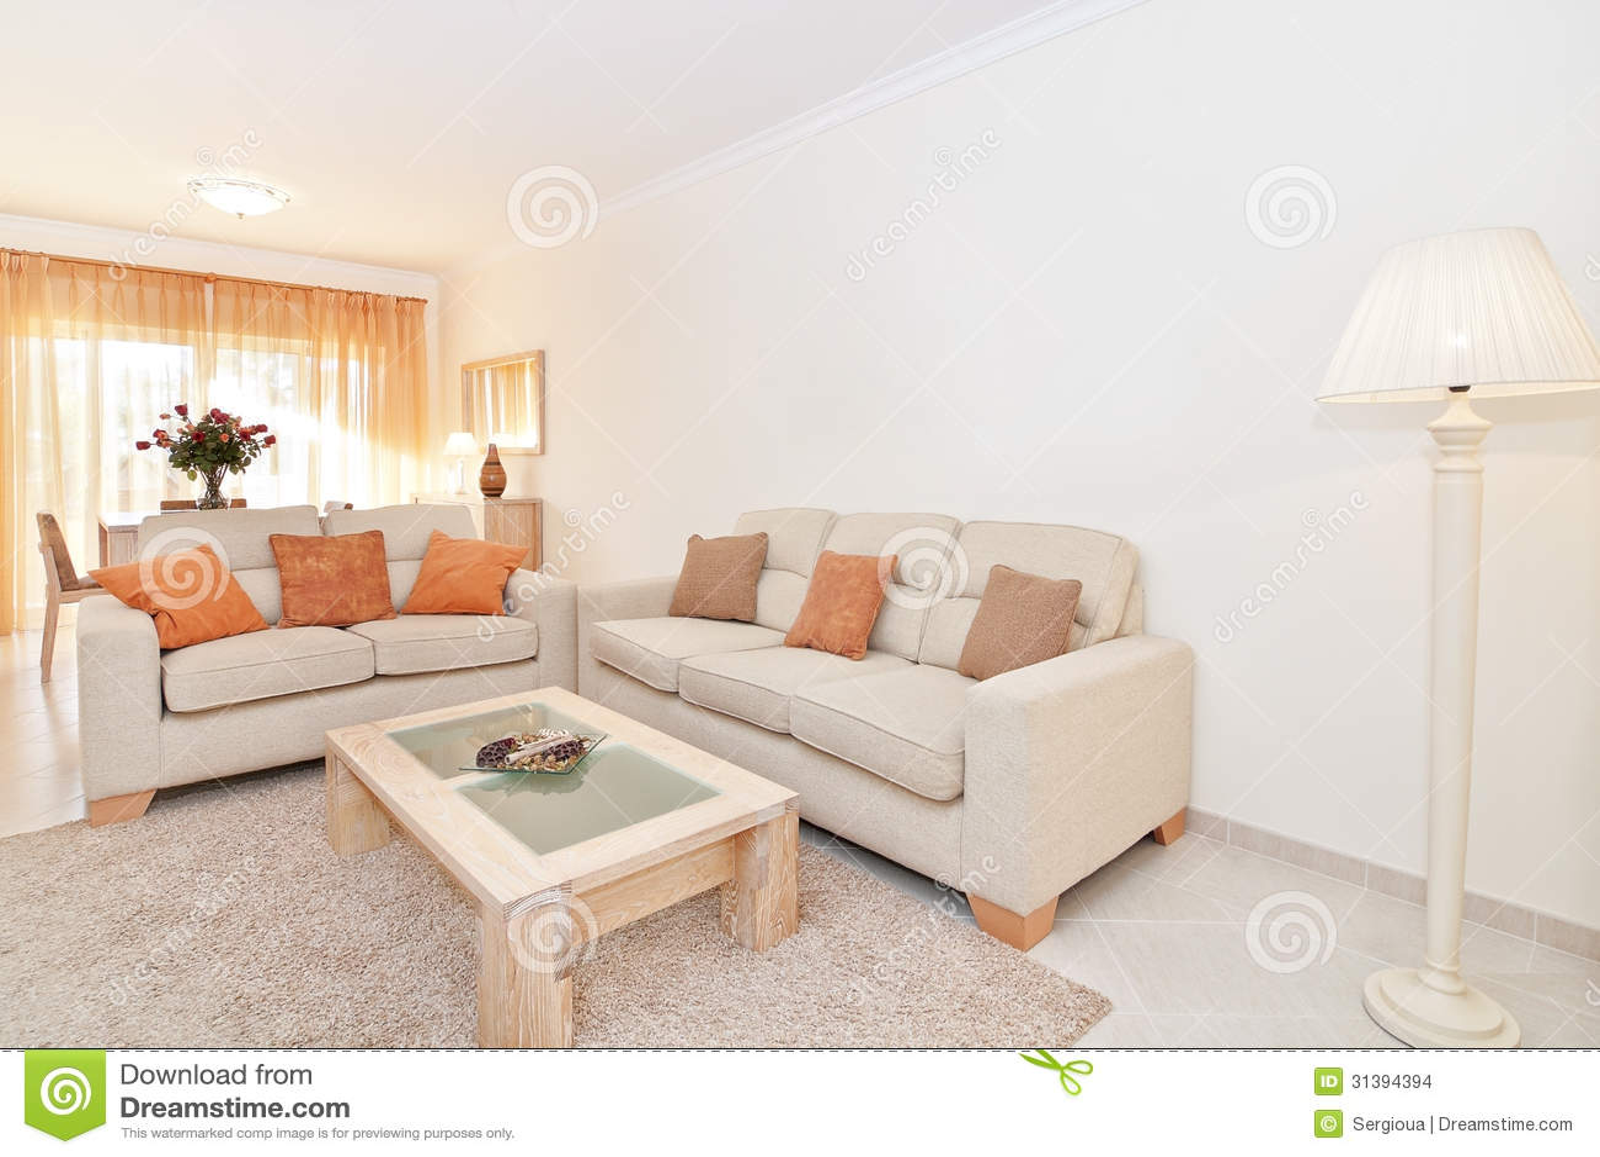 Mooie woonkamer met warme kleuren met de schaduw stock afbeeldingen afbeelding 31394394 - Lijst van warme kleuren ...